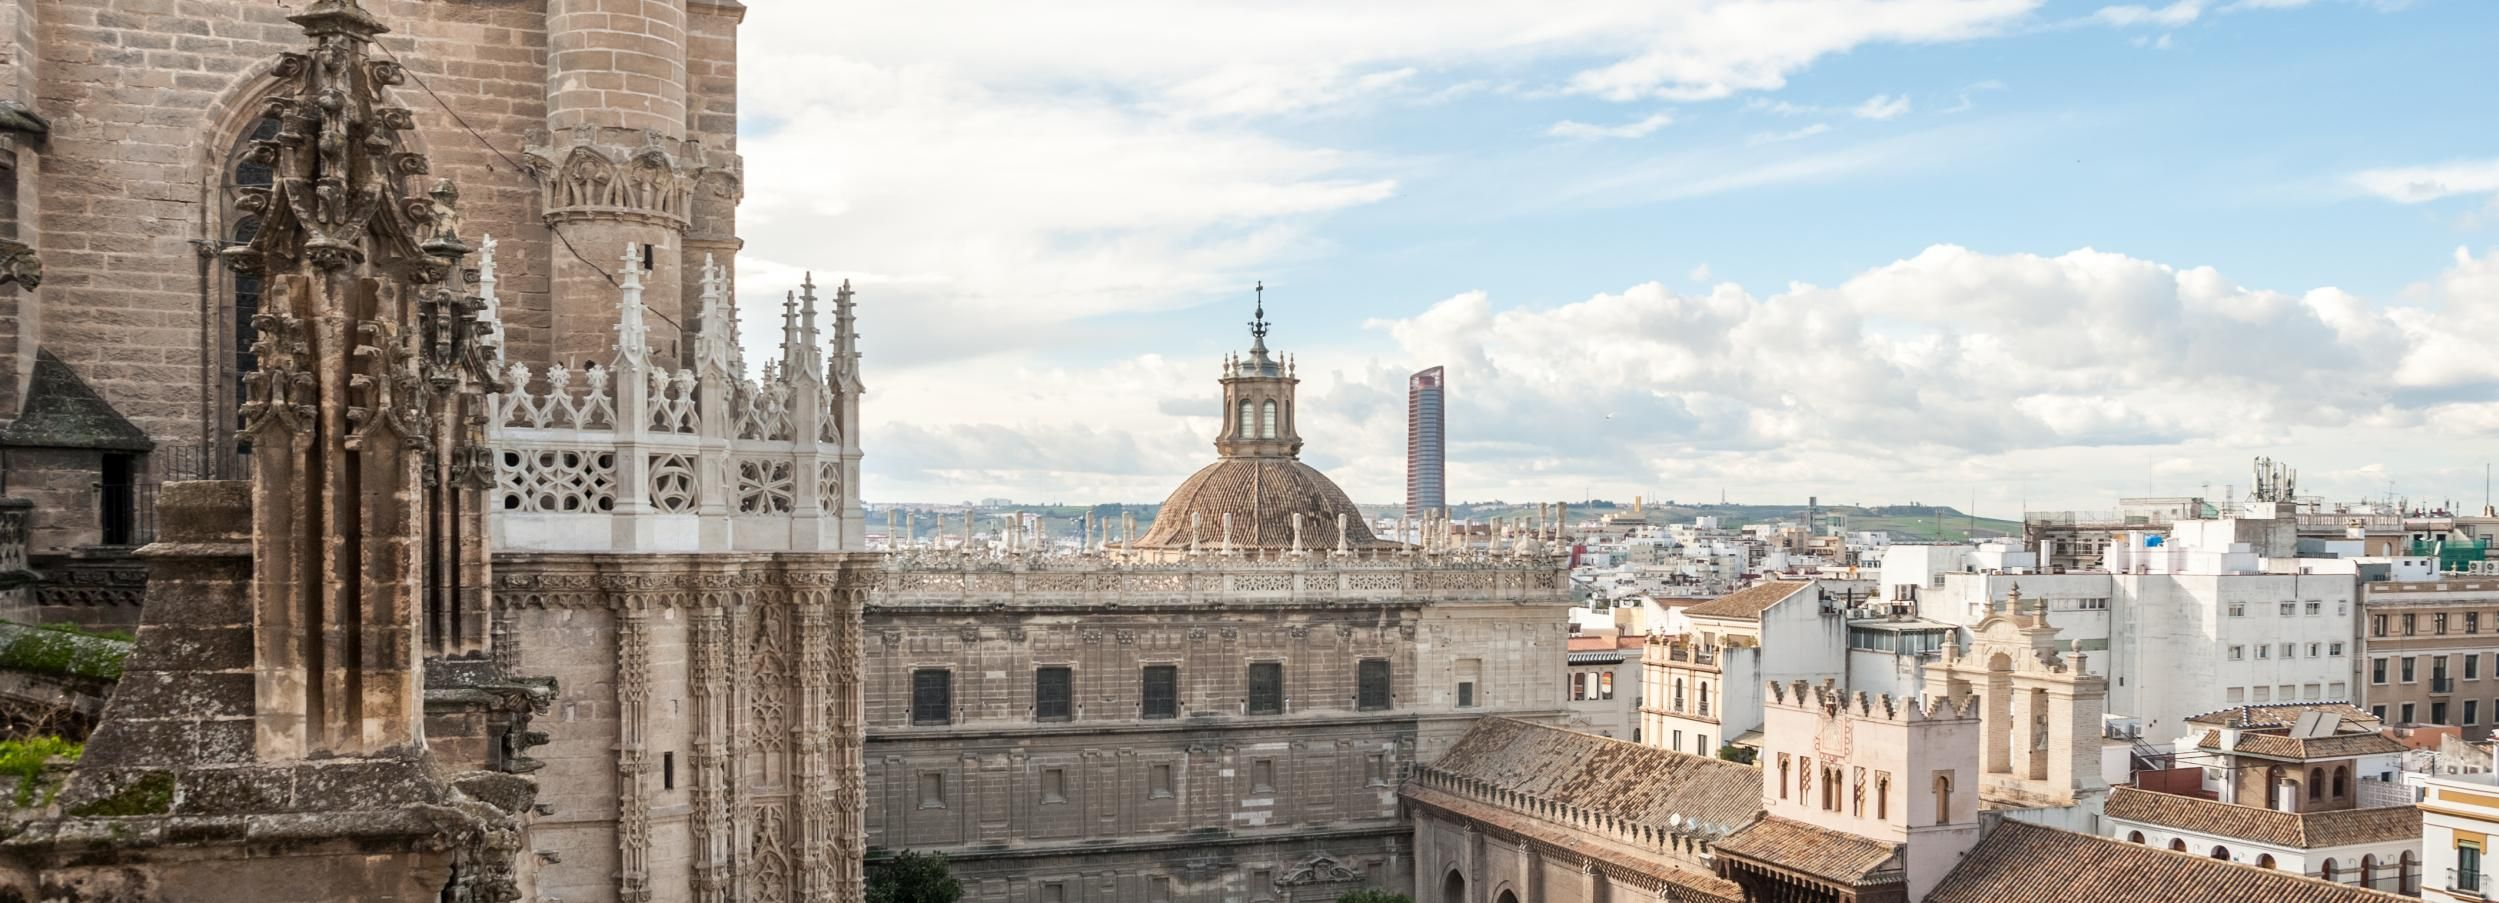 Cathédrale de Séville: visite coupe-file et option Alcazar